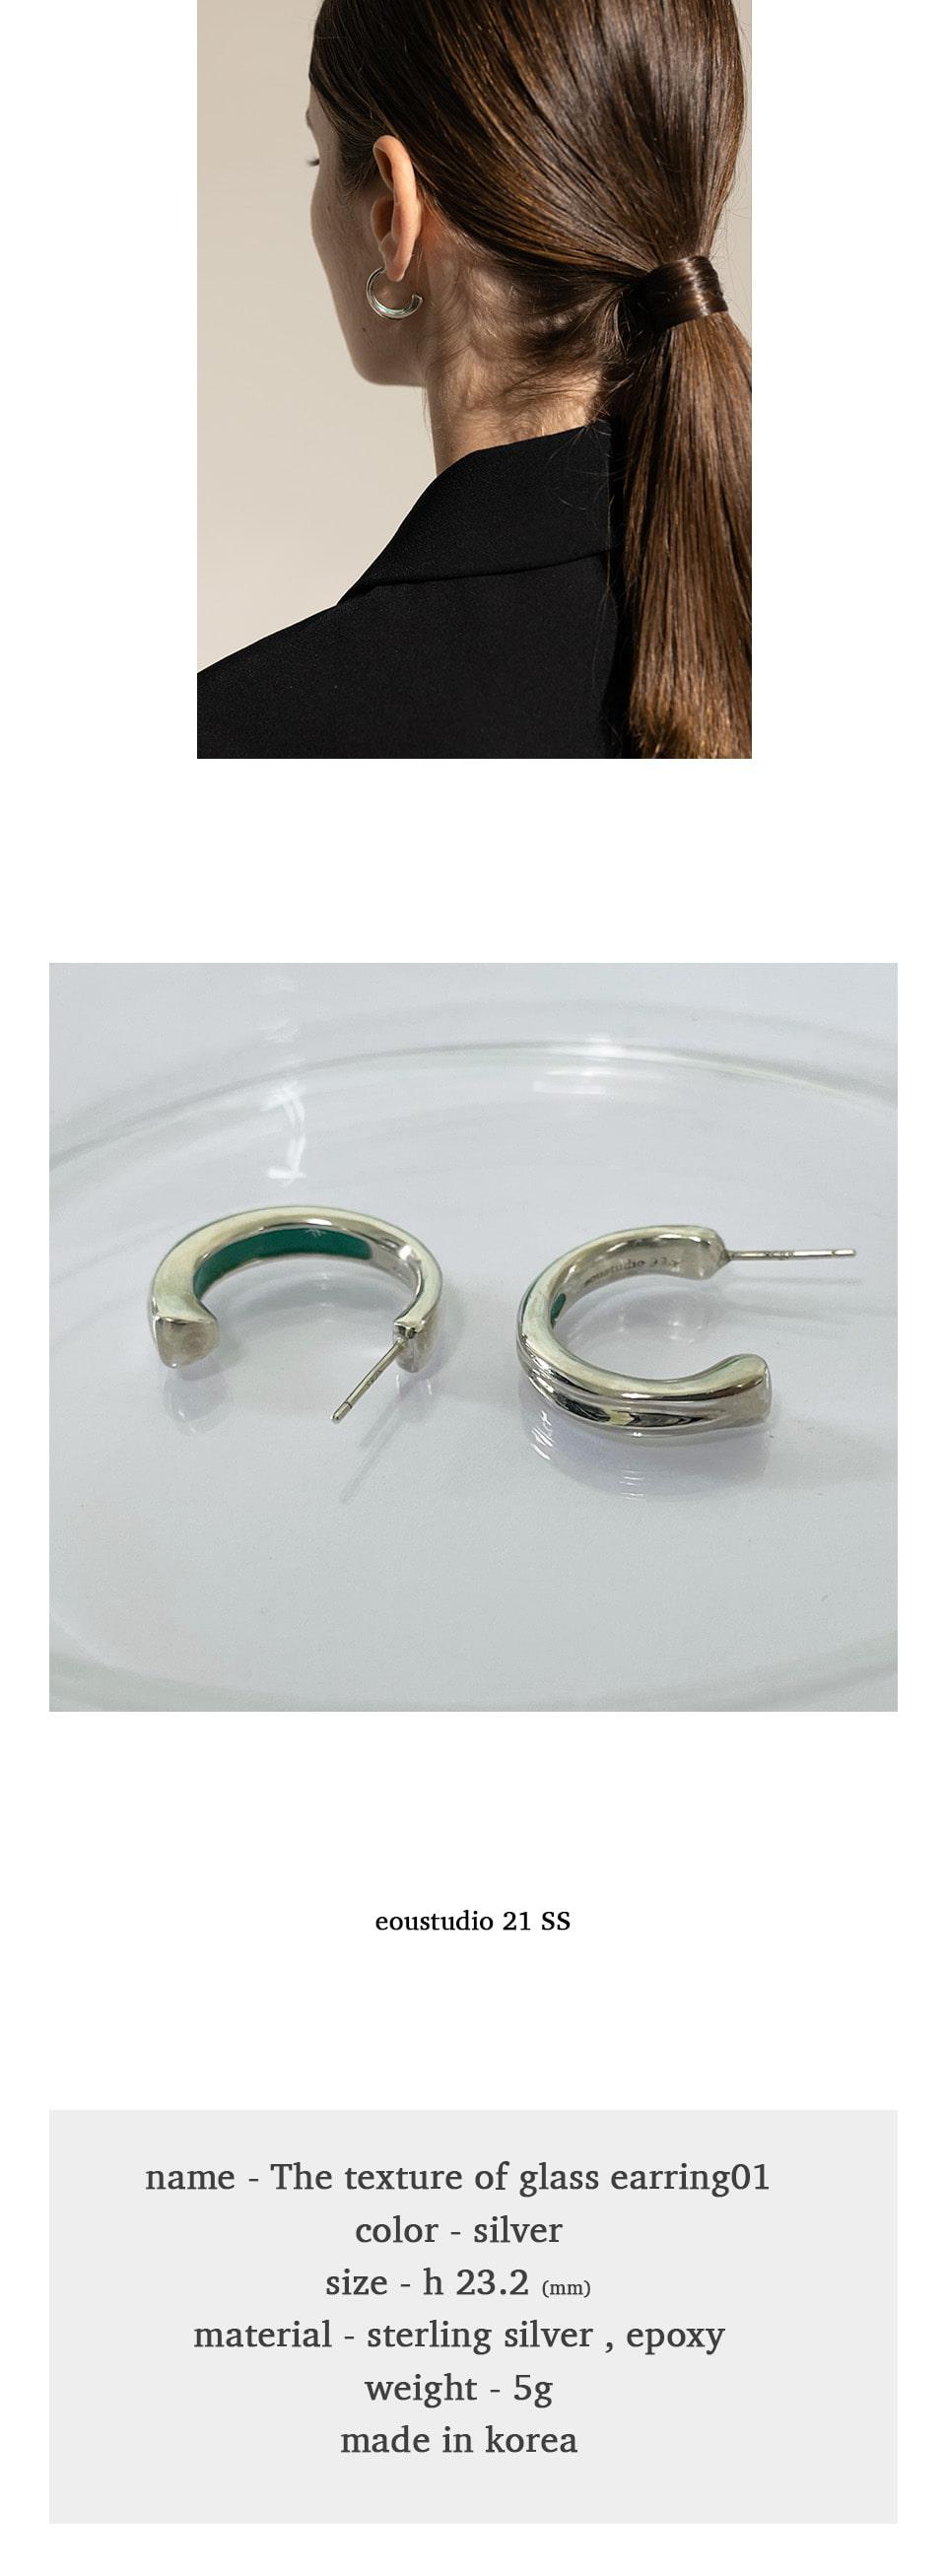 이오유스튜디오(EOU STUDIO) The texture of glass Earring 01